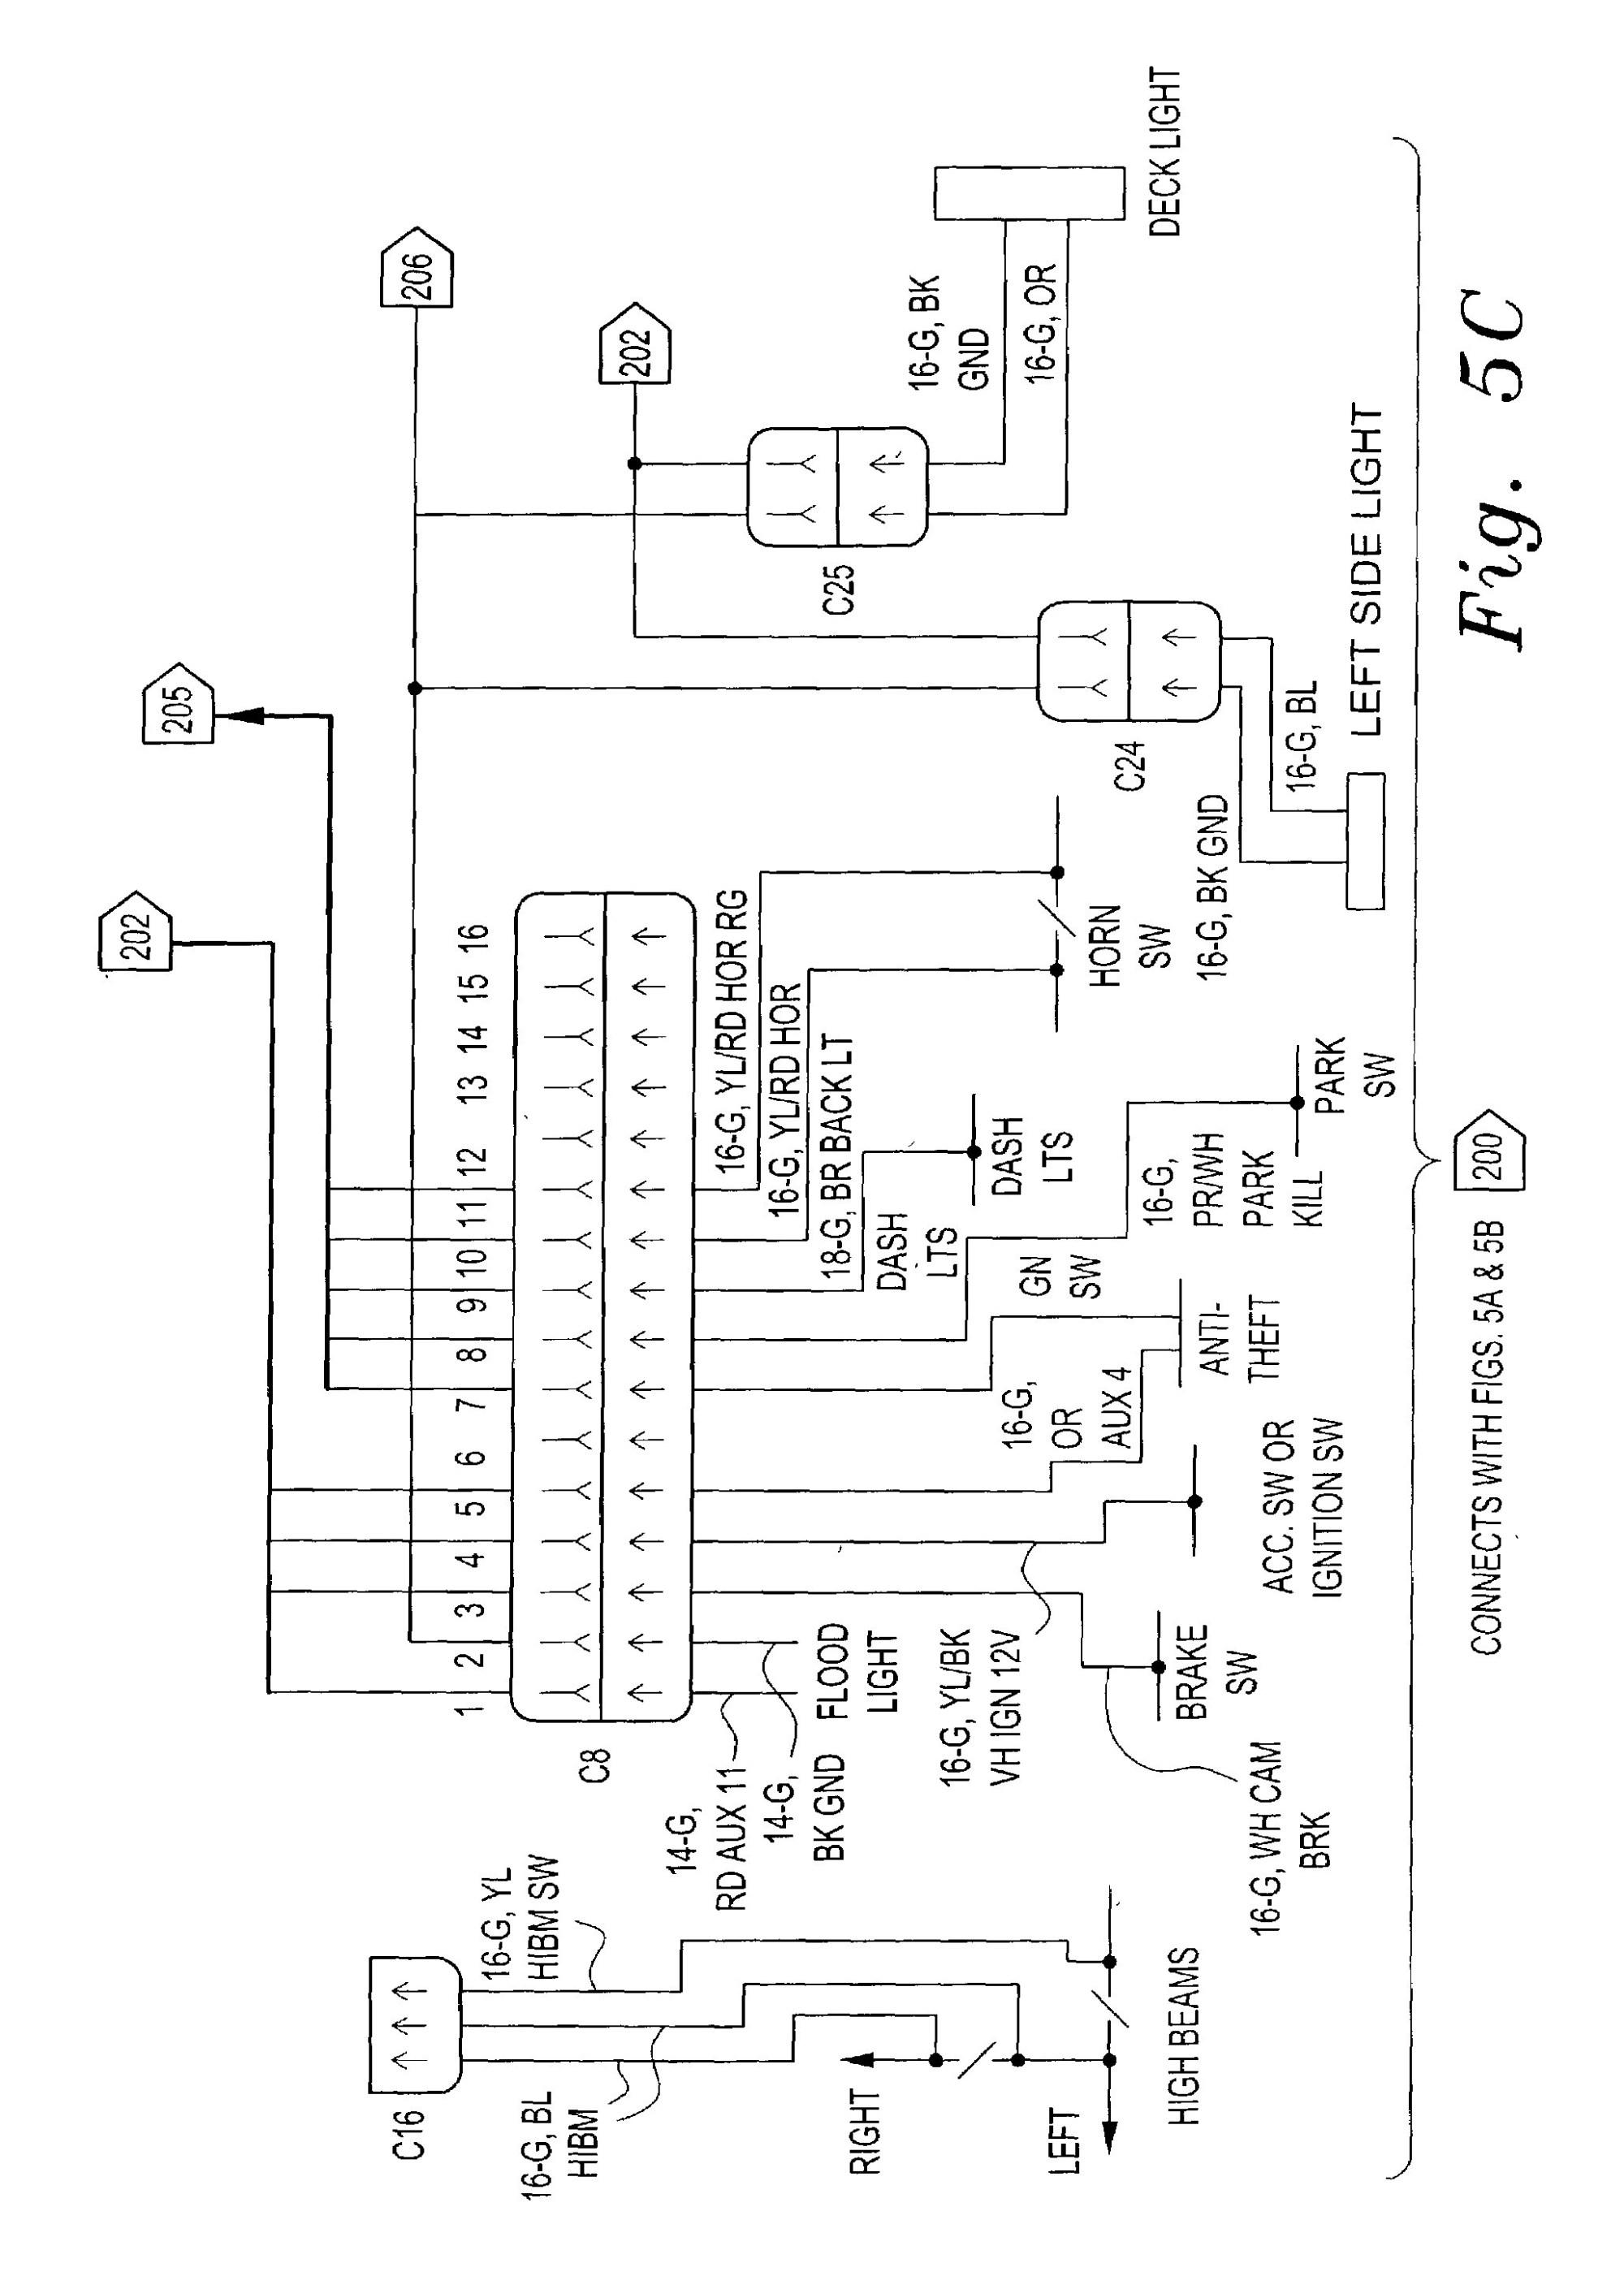 Federal Signal Signalmaster Wiring Diagram - federal signal ... on